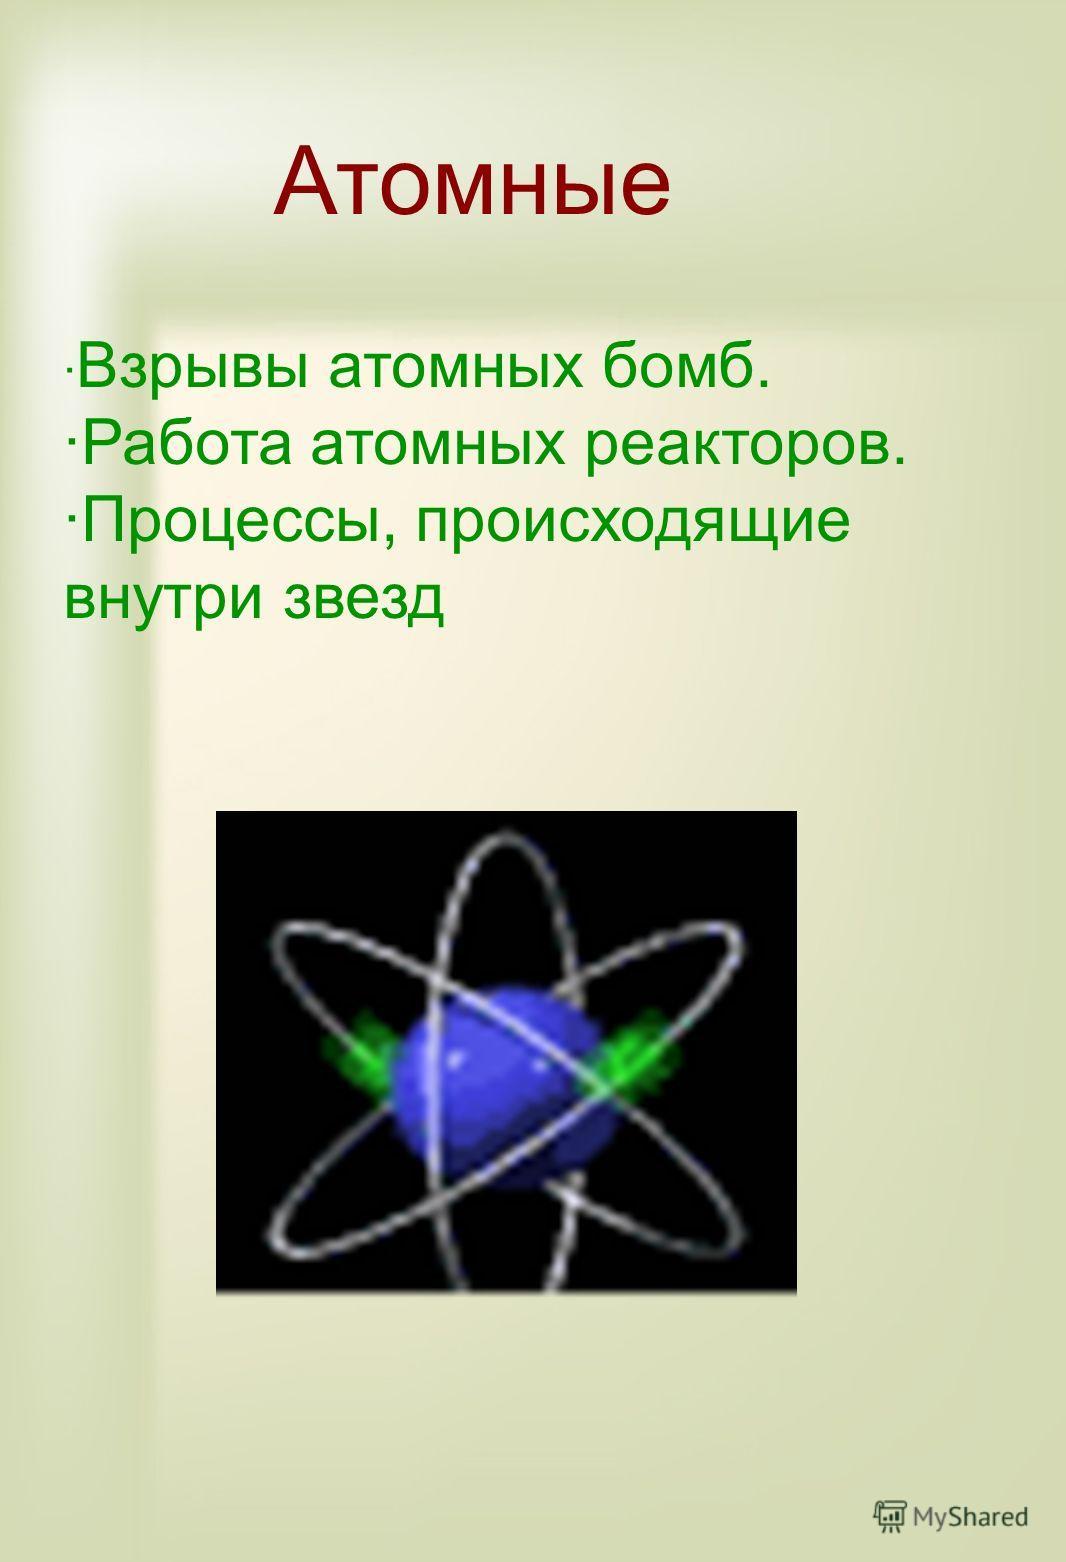 Атомные · Взрывы атомных бомб. ·Работа атомных реакторов. ·Процессы, происходящие внутри звезд